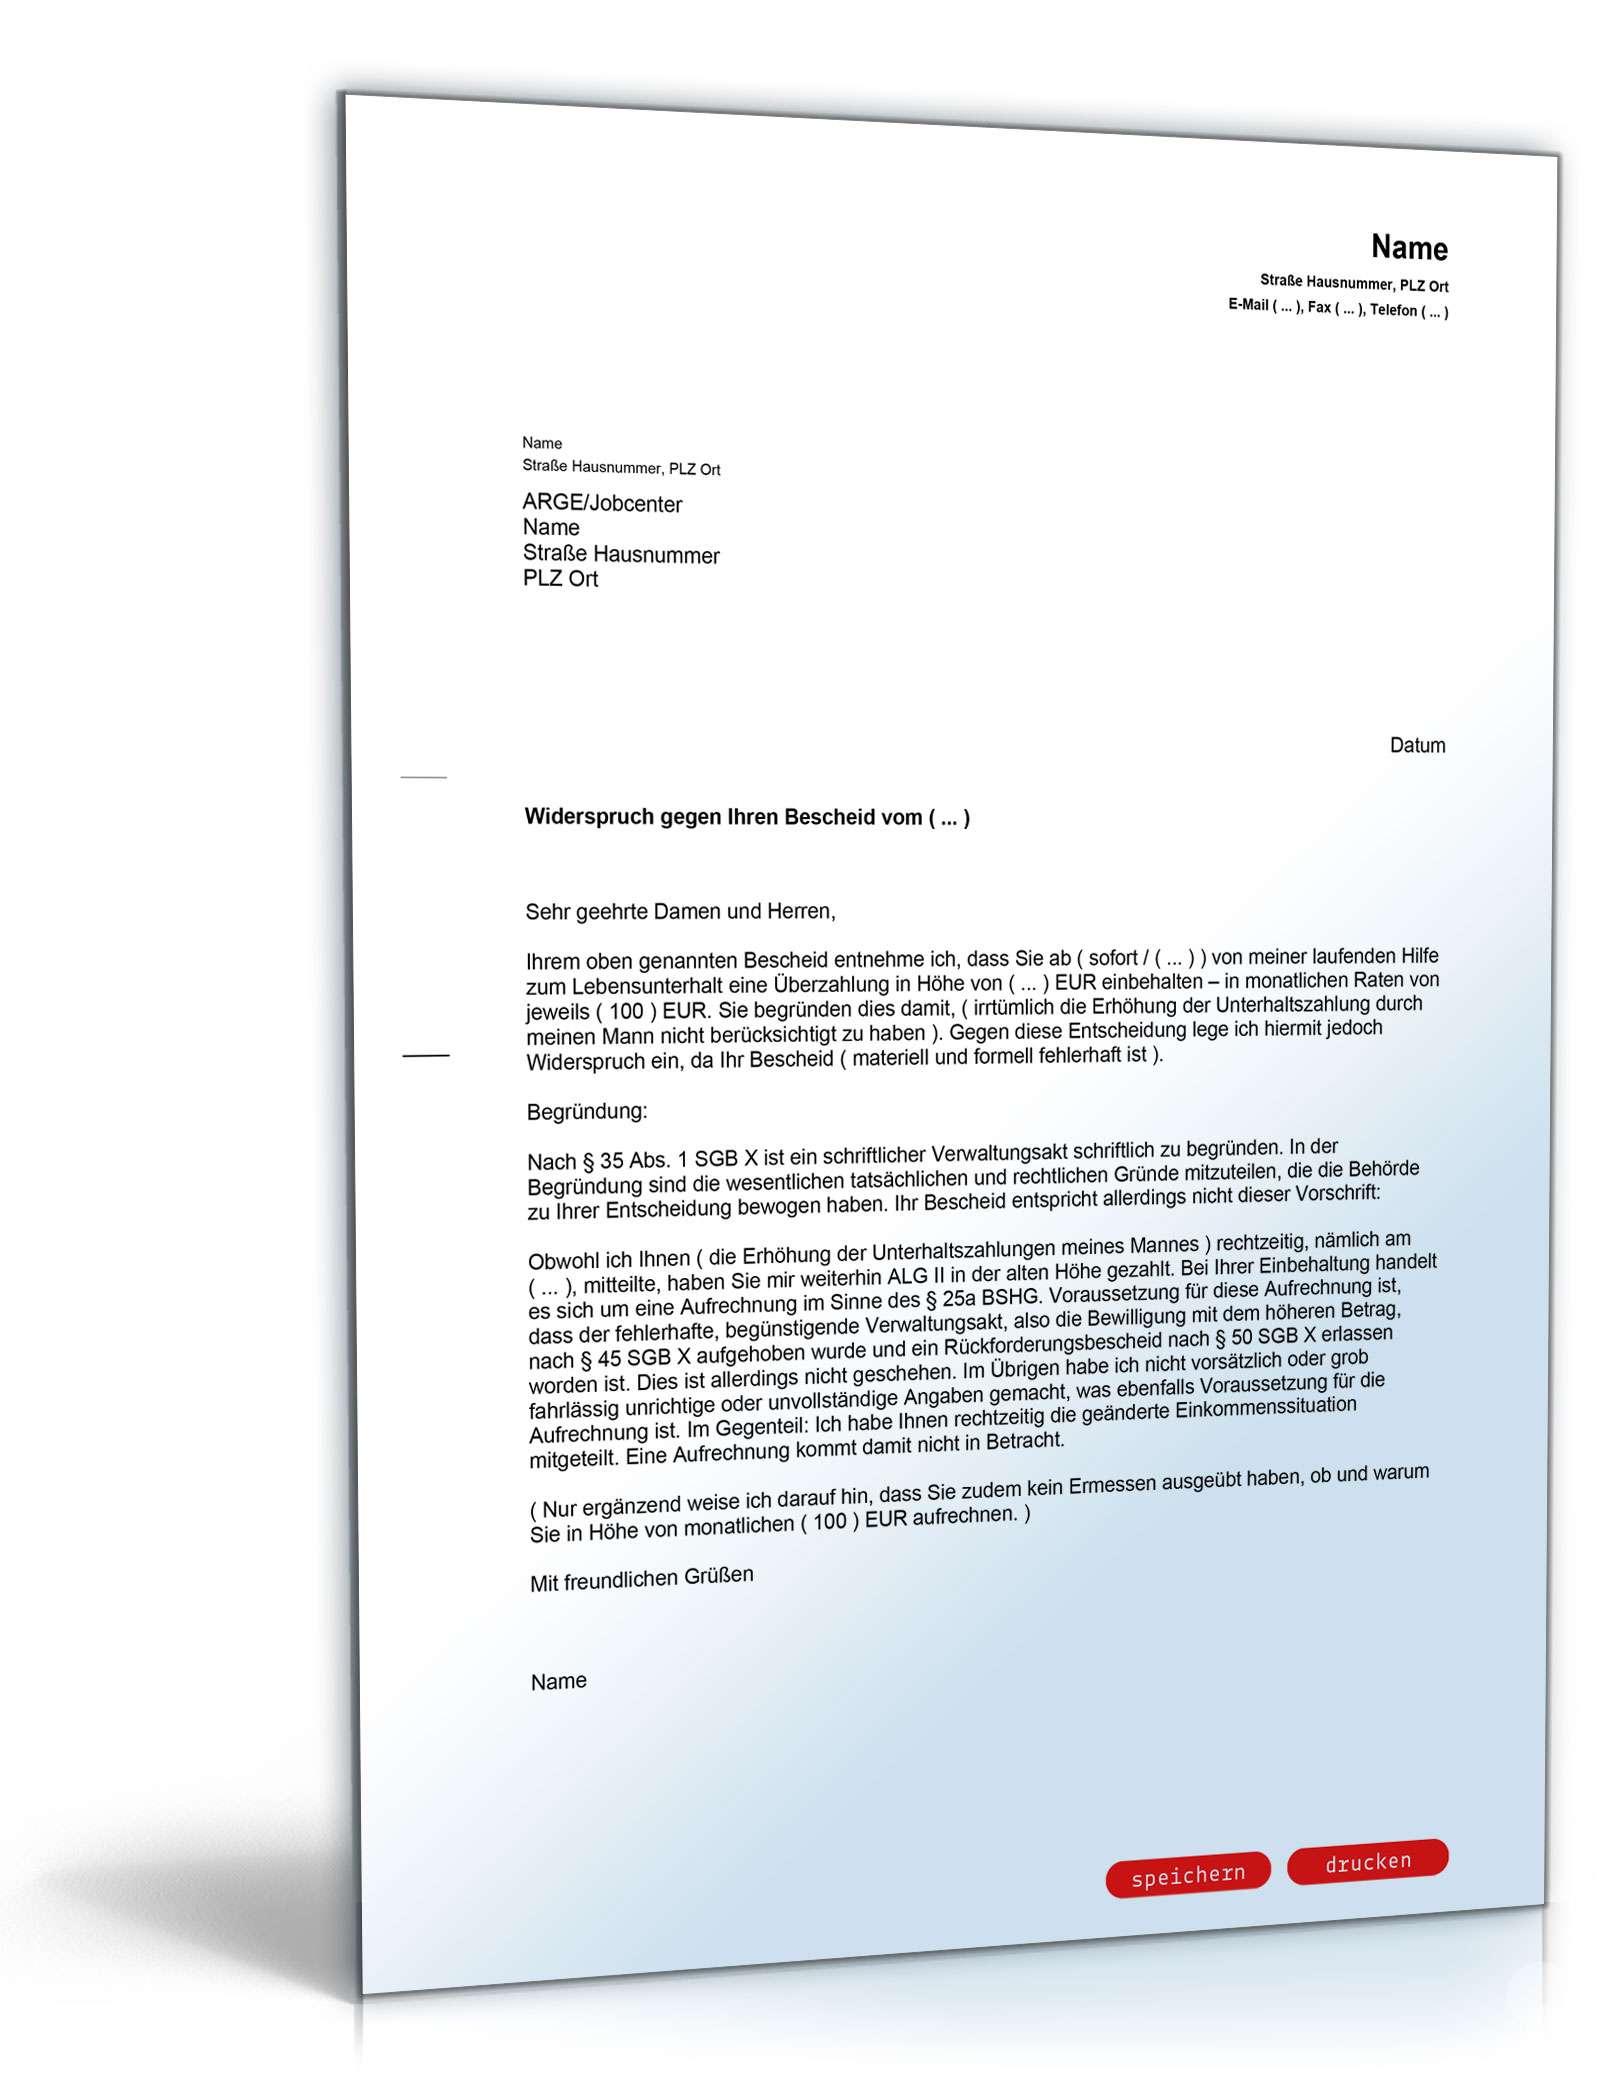 widerspruch berzahlung alg ii - Widerspruch Jobcenter Ruckzahlung Muster